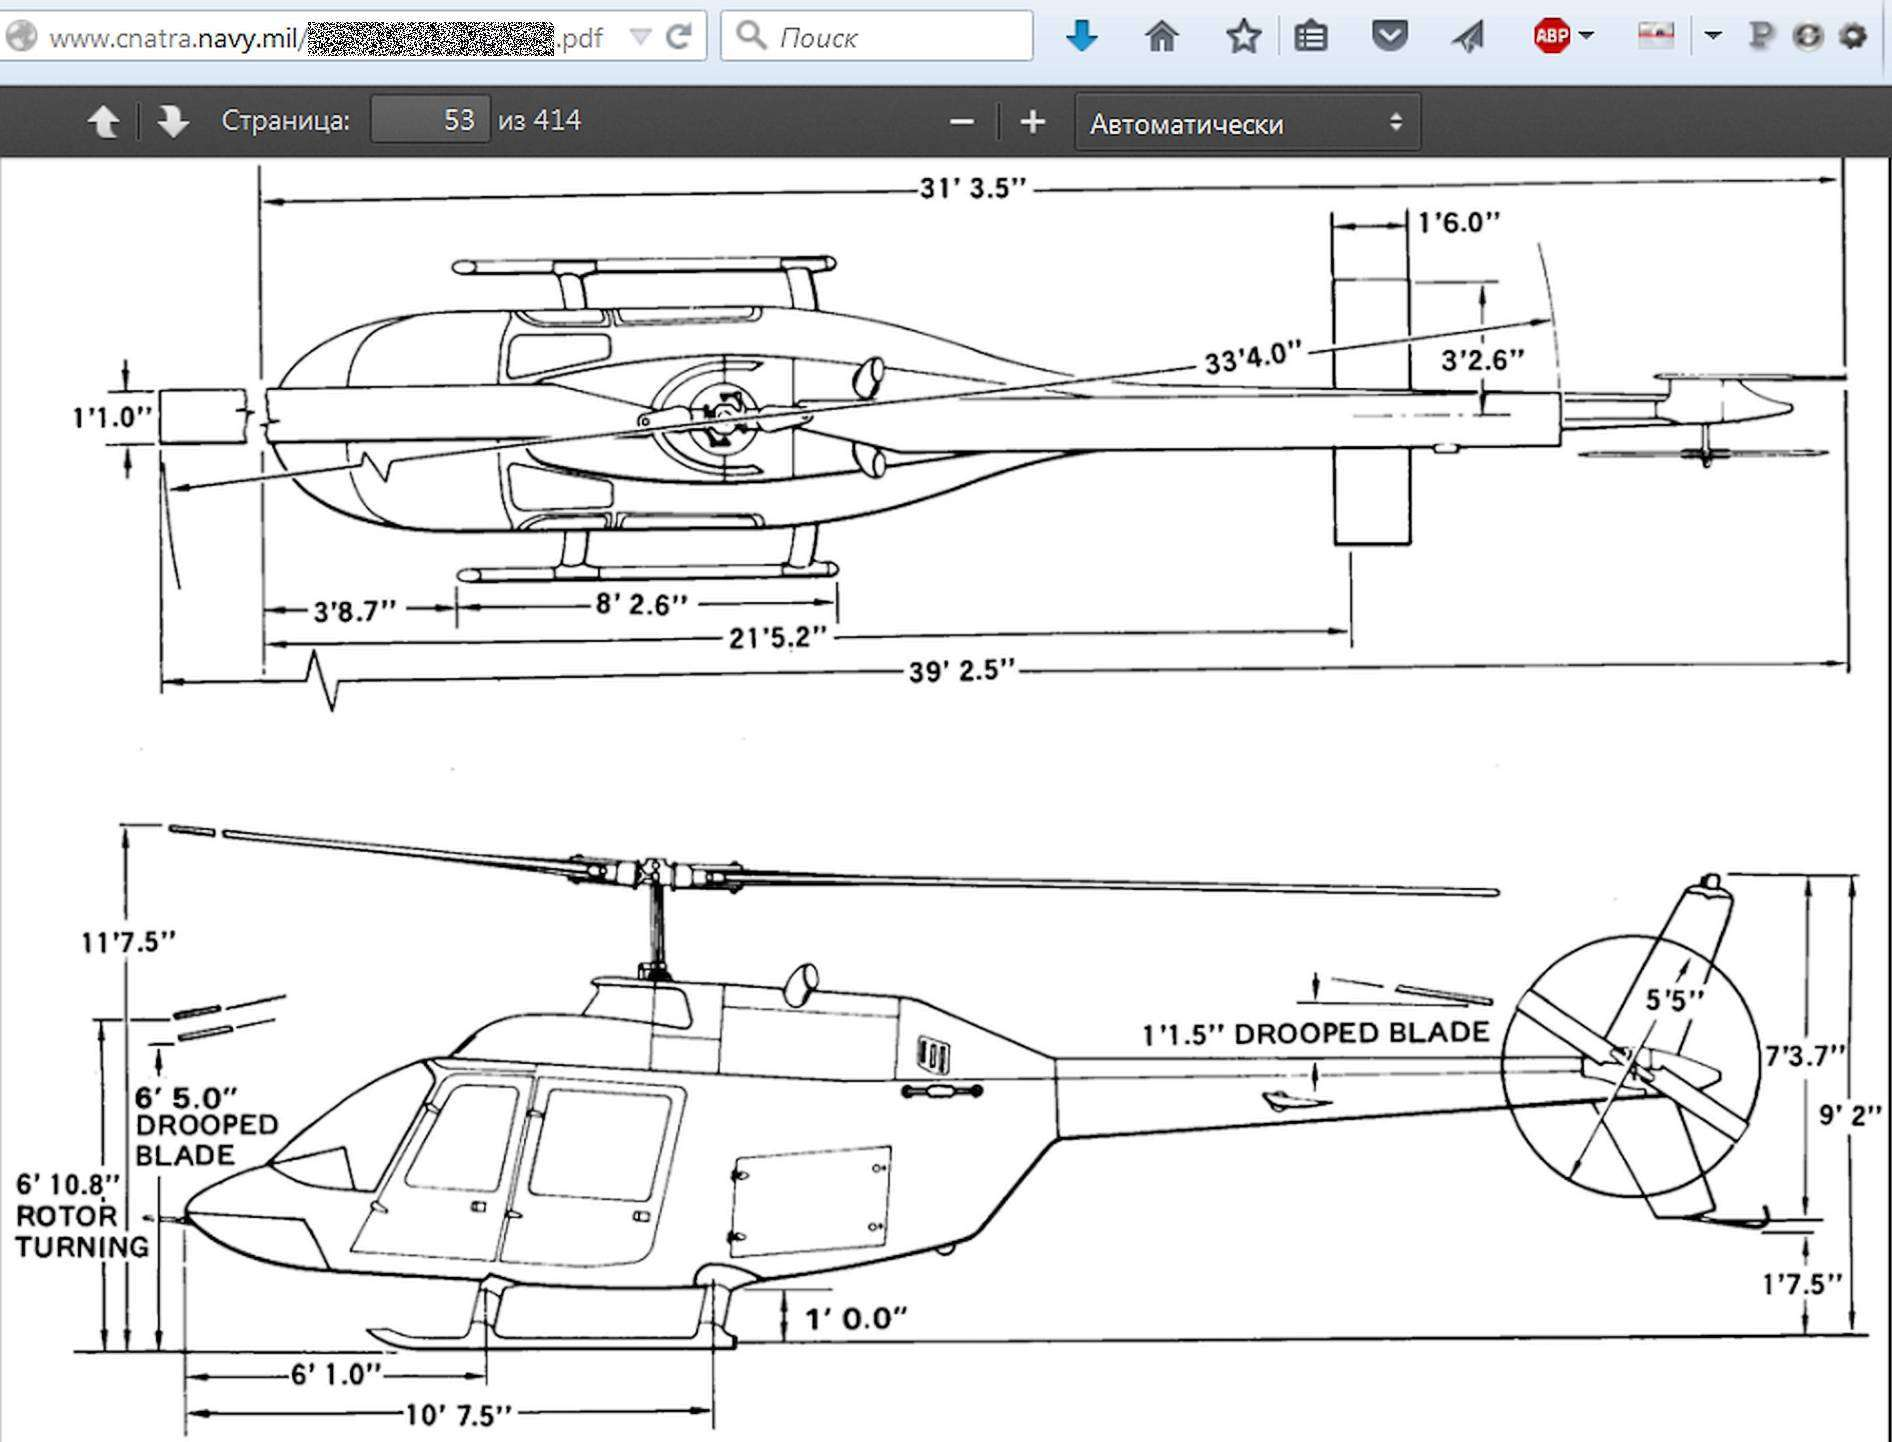 Чертеж из руководства к учебно-боевому вертолету TH-57С Sea Ranger